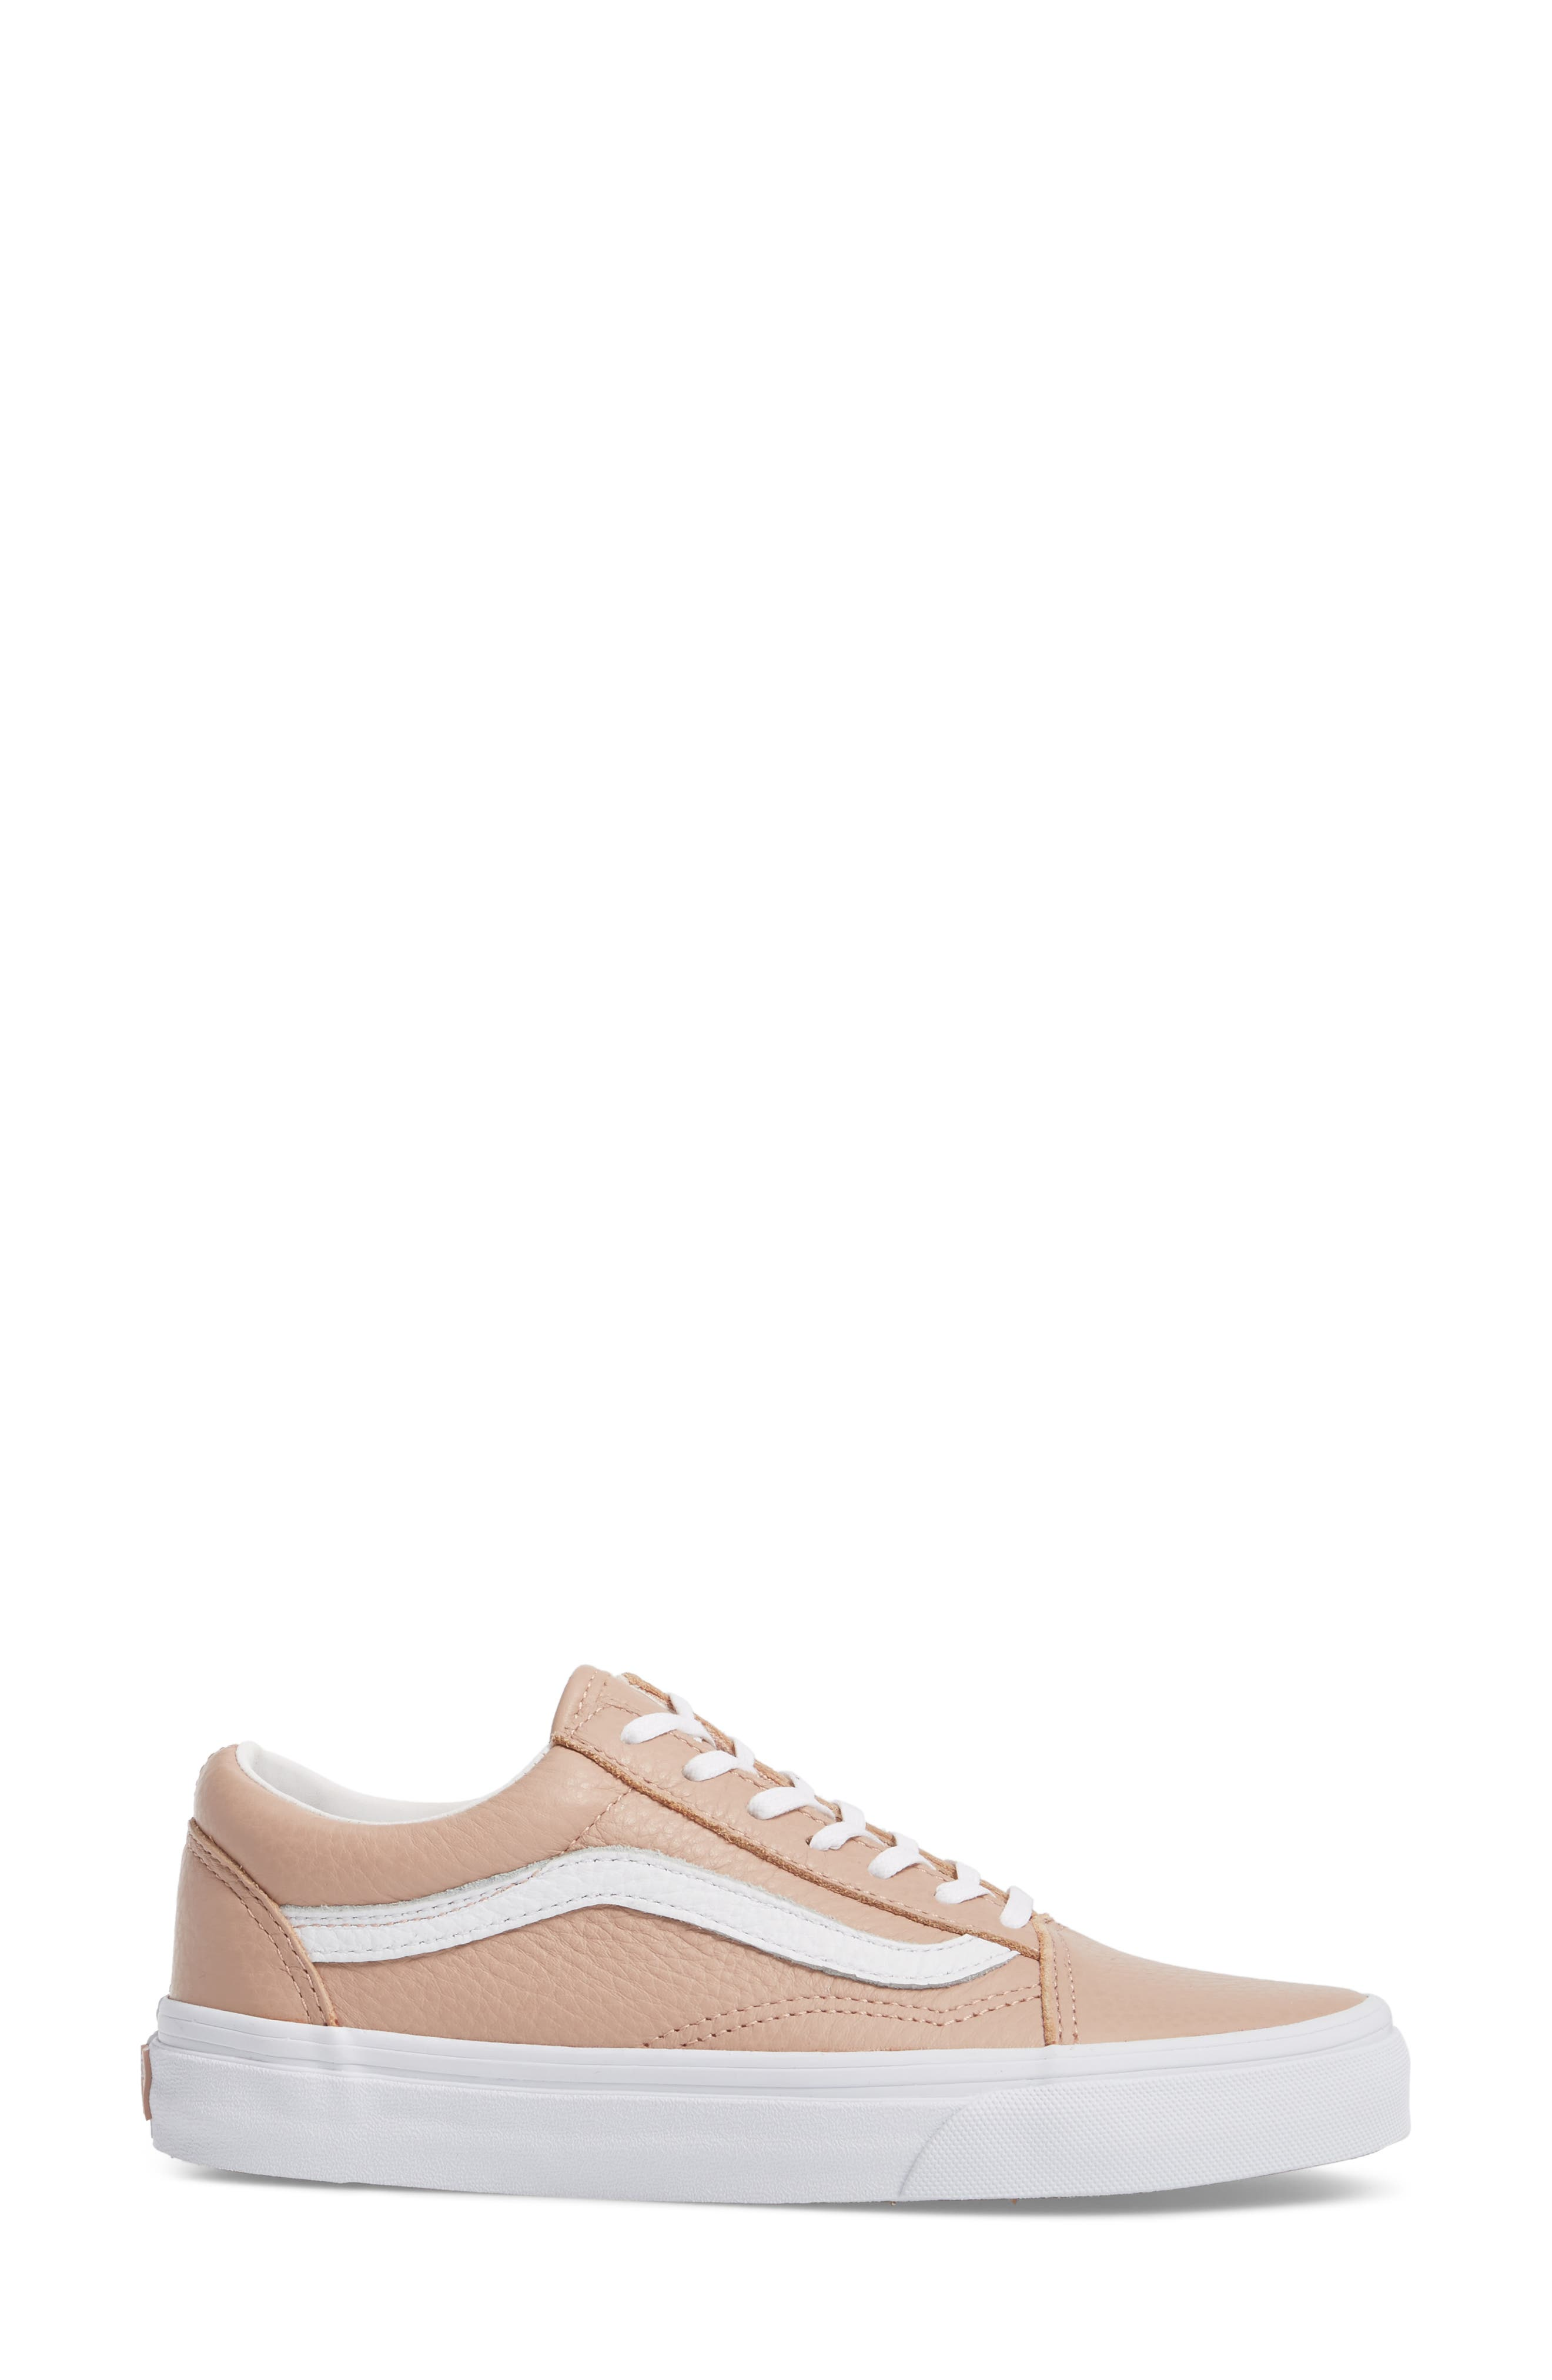 Old Skool DX Sneaker,                             Alternate thumbnail 3, color,                             Mahogany Rose/ True White